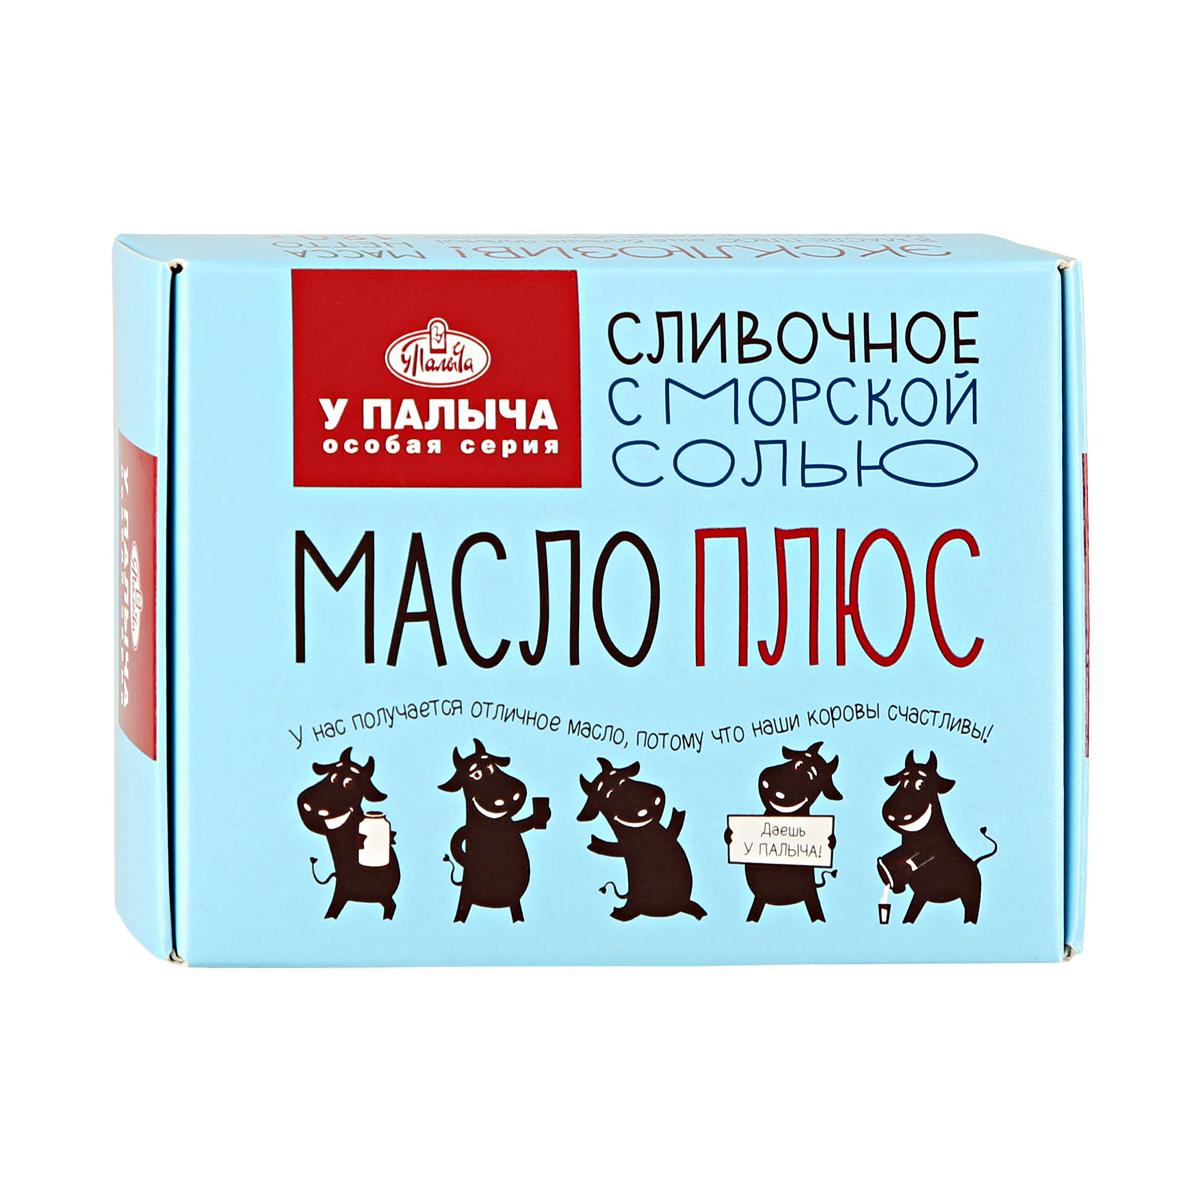 Фото - Масло У Палыча сливочное с морской солью высший сорт 82,5% 180 г масло у палыча сливочное с травами прованса 62% 180 г